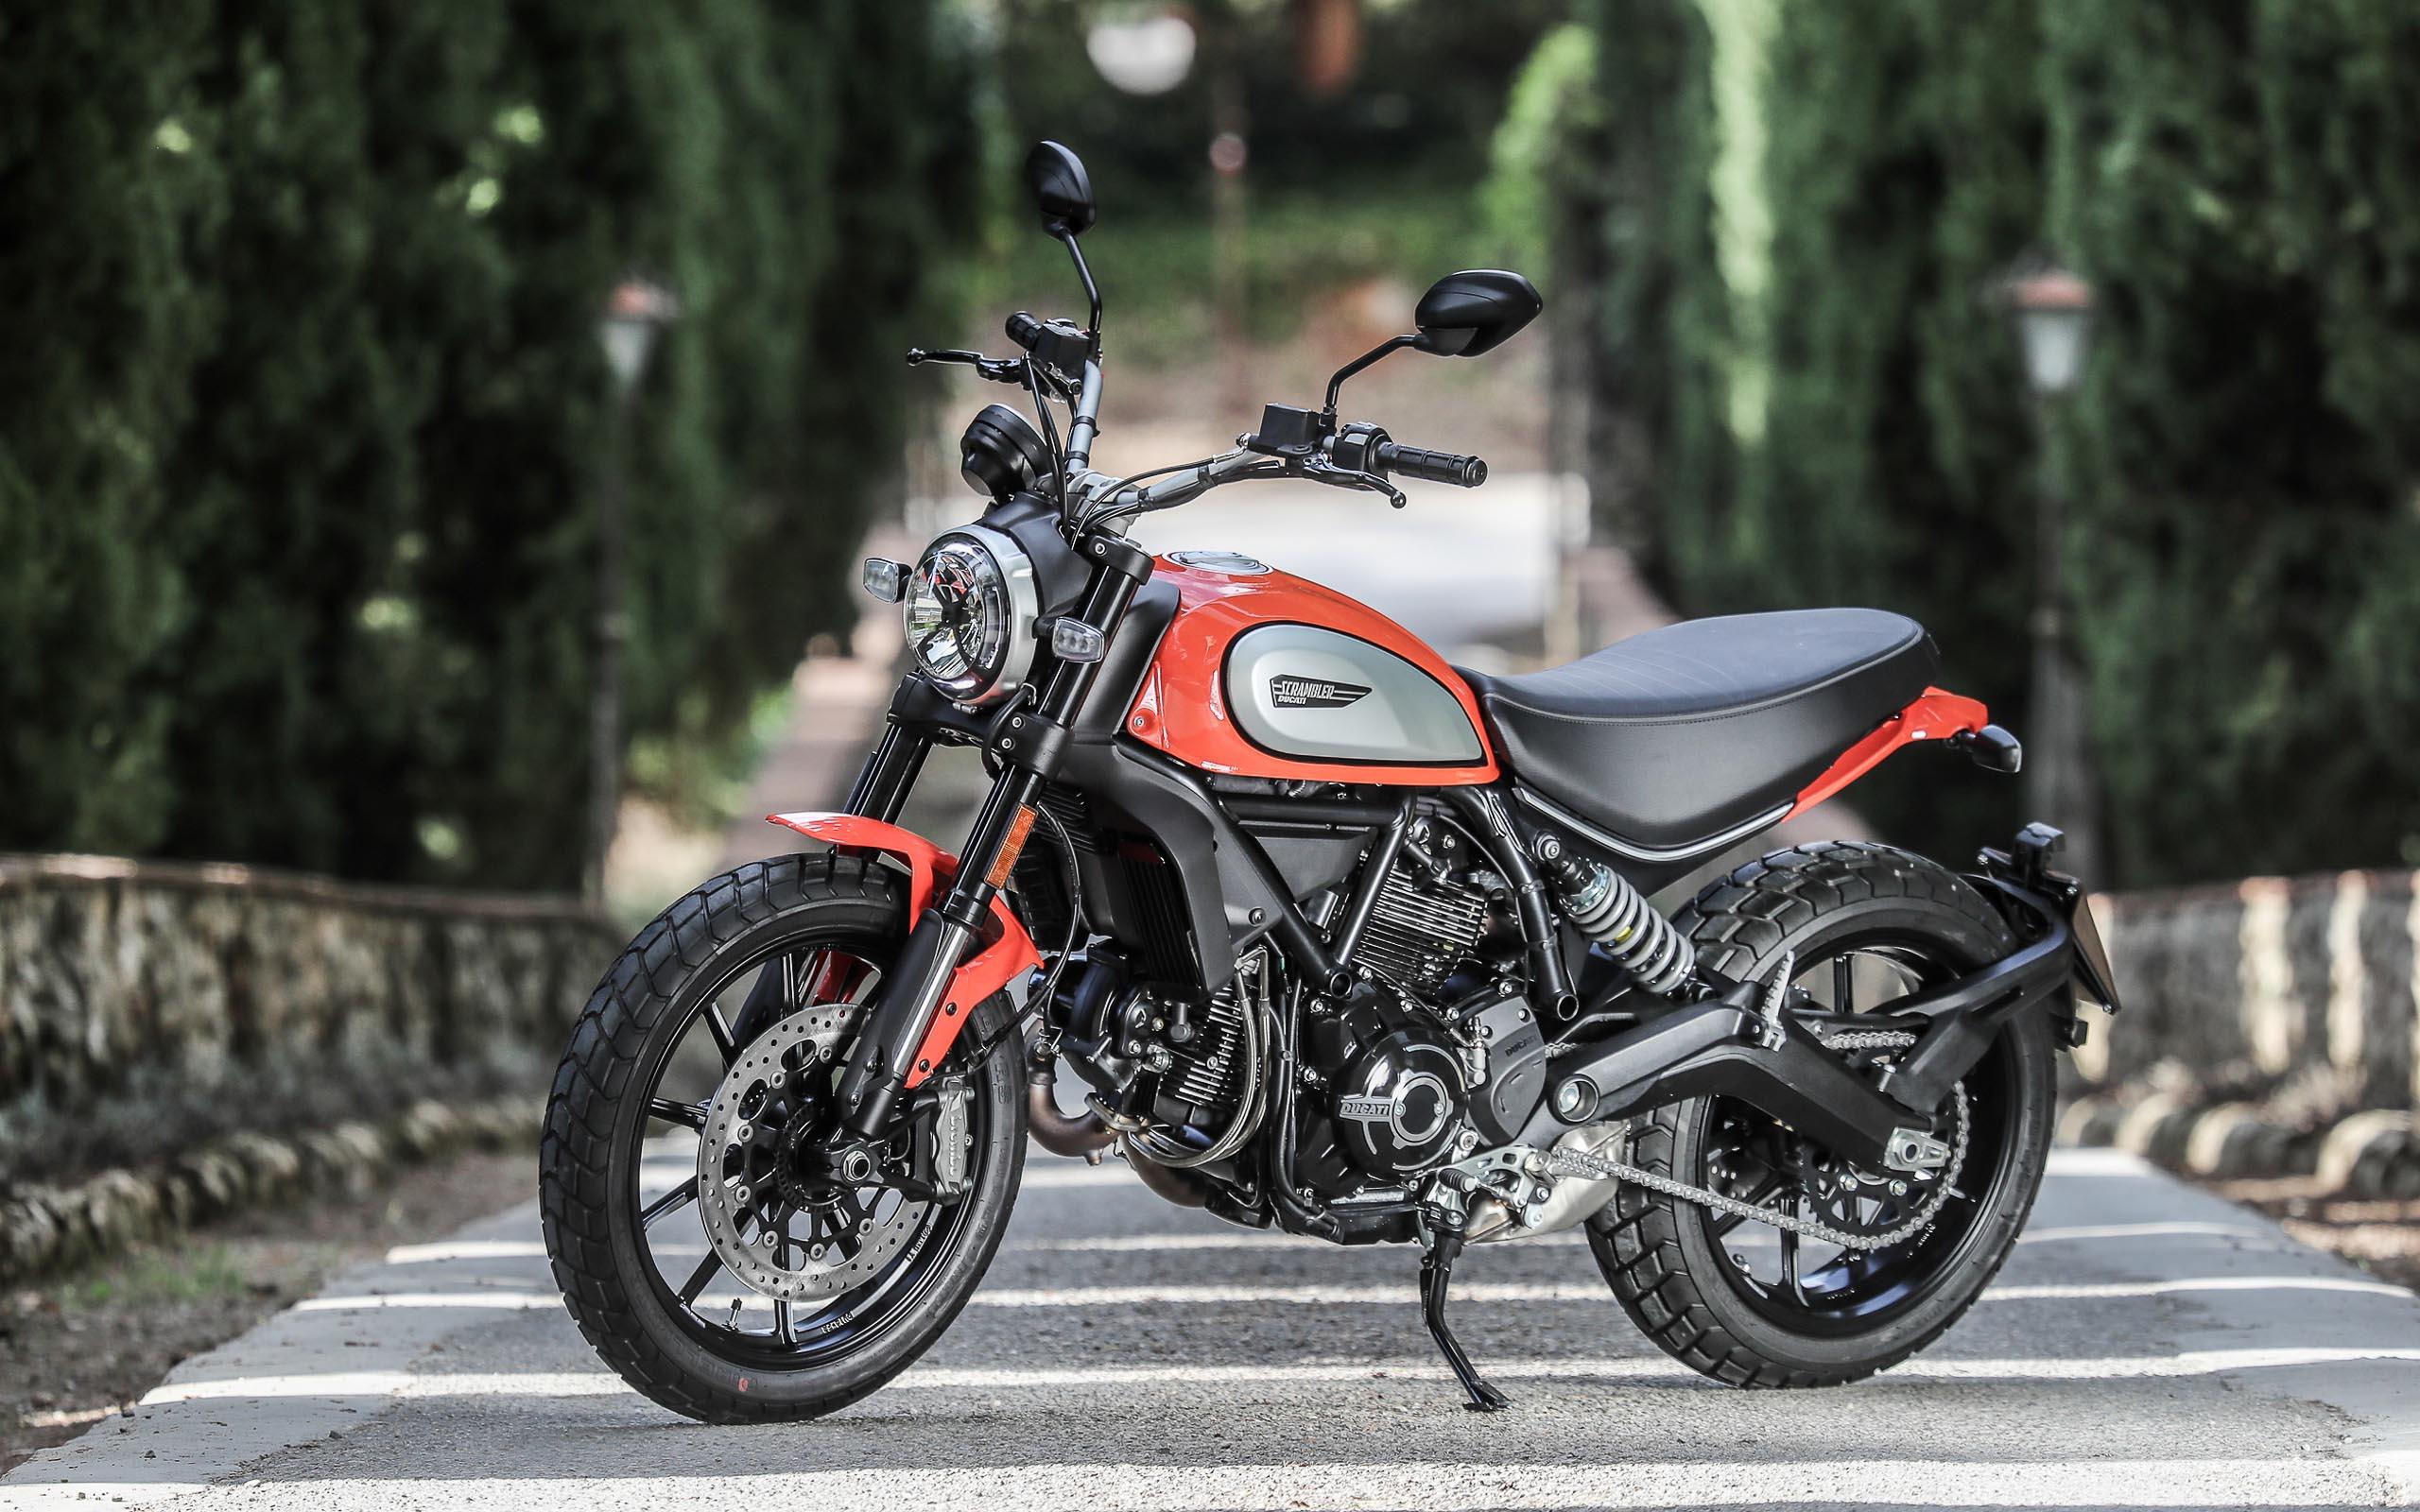 Motorrad Neuheiten 2019 - Weltpremieren und neue Modelle